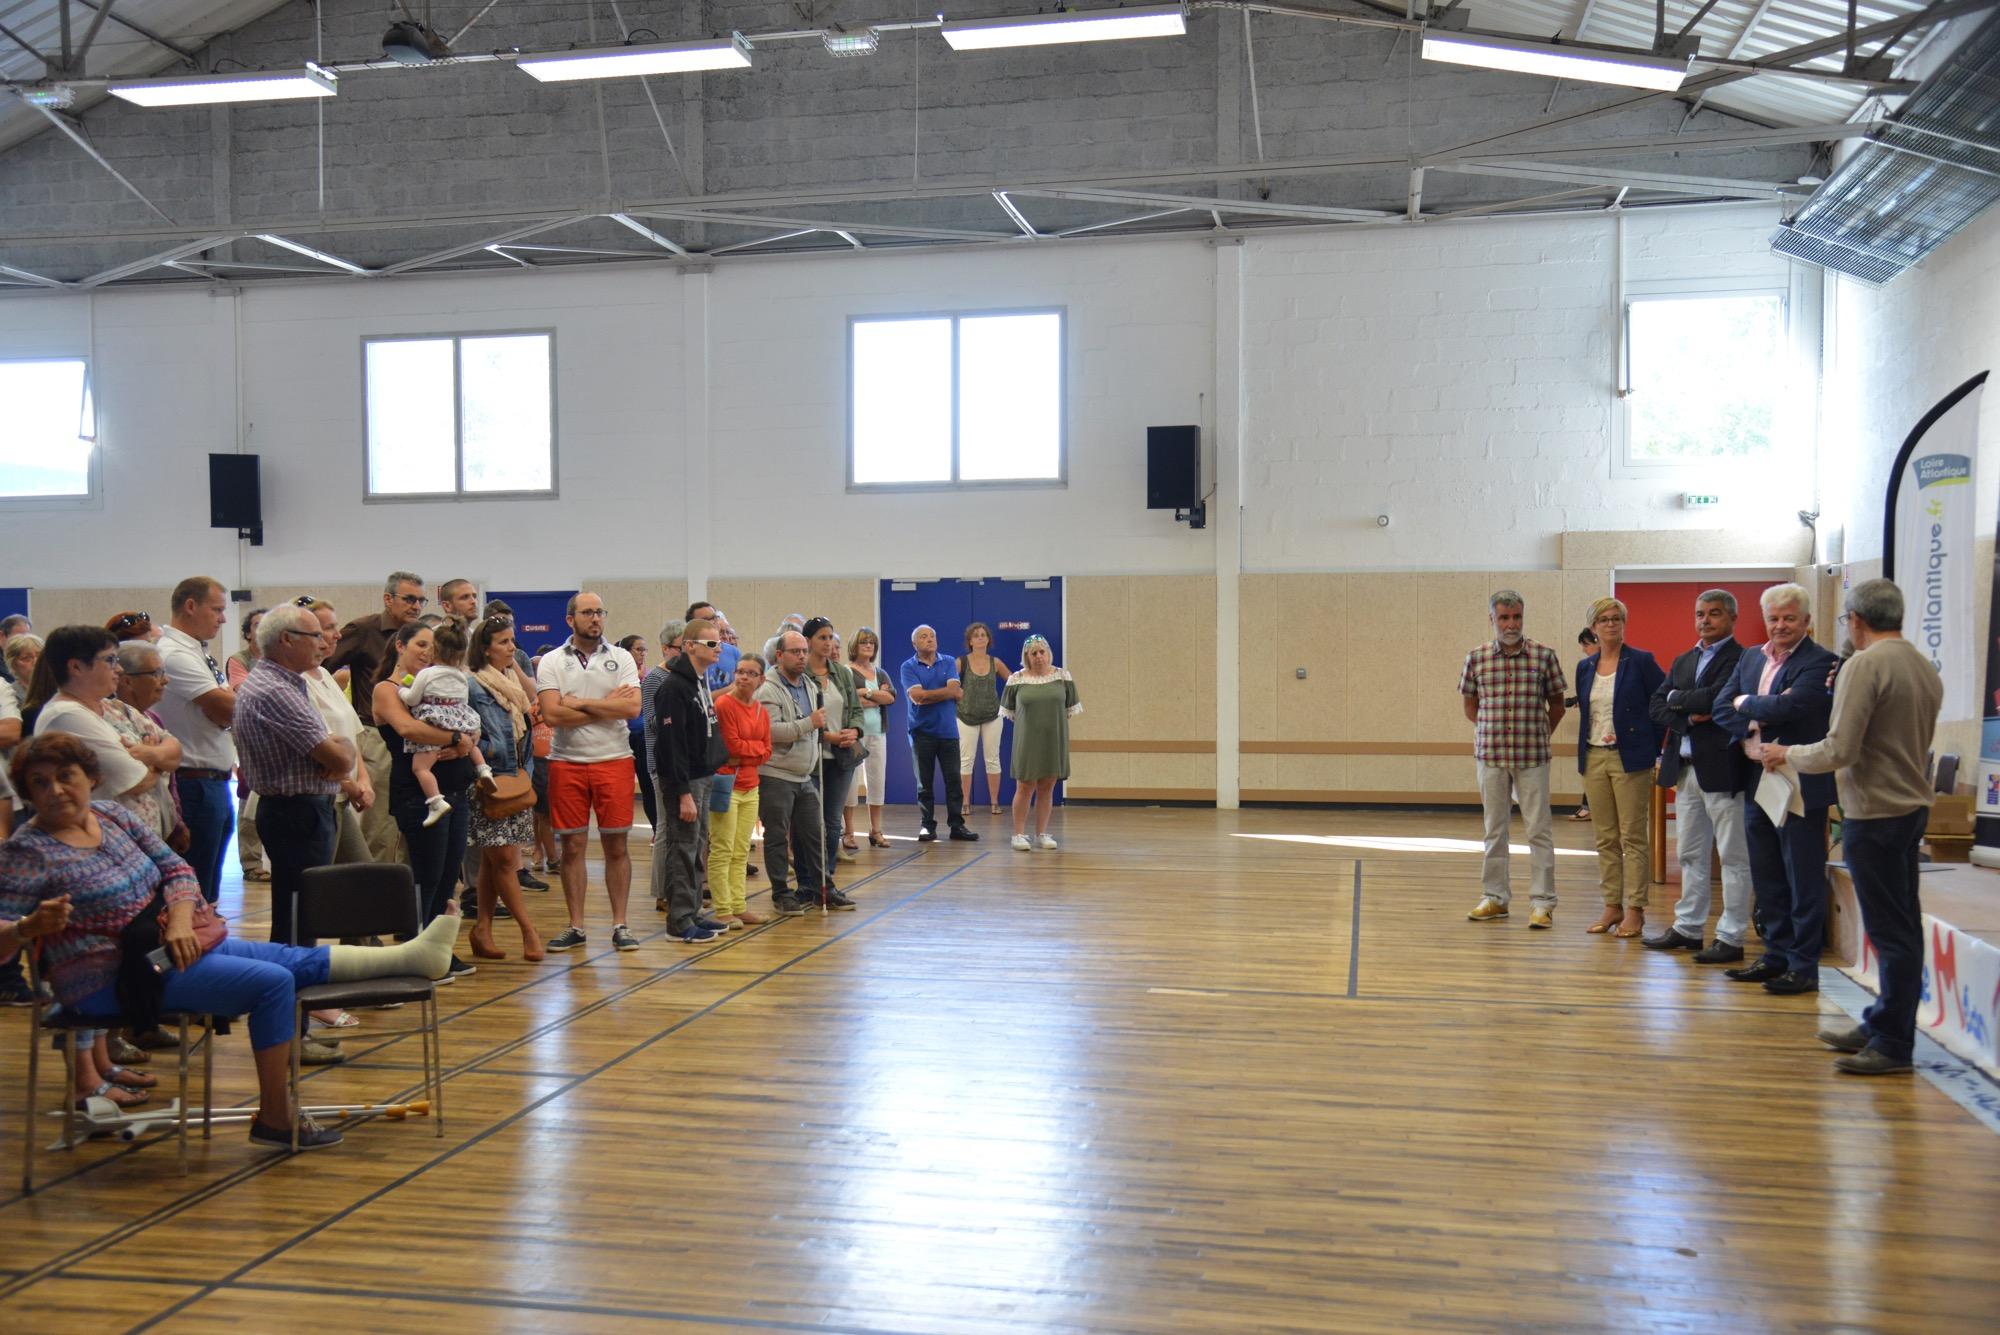 La salle de l'alerte de Méan rénovée a été inaugurée samedi 2 septembre dernier.